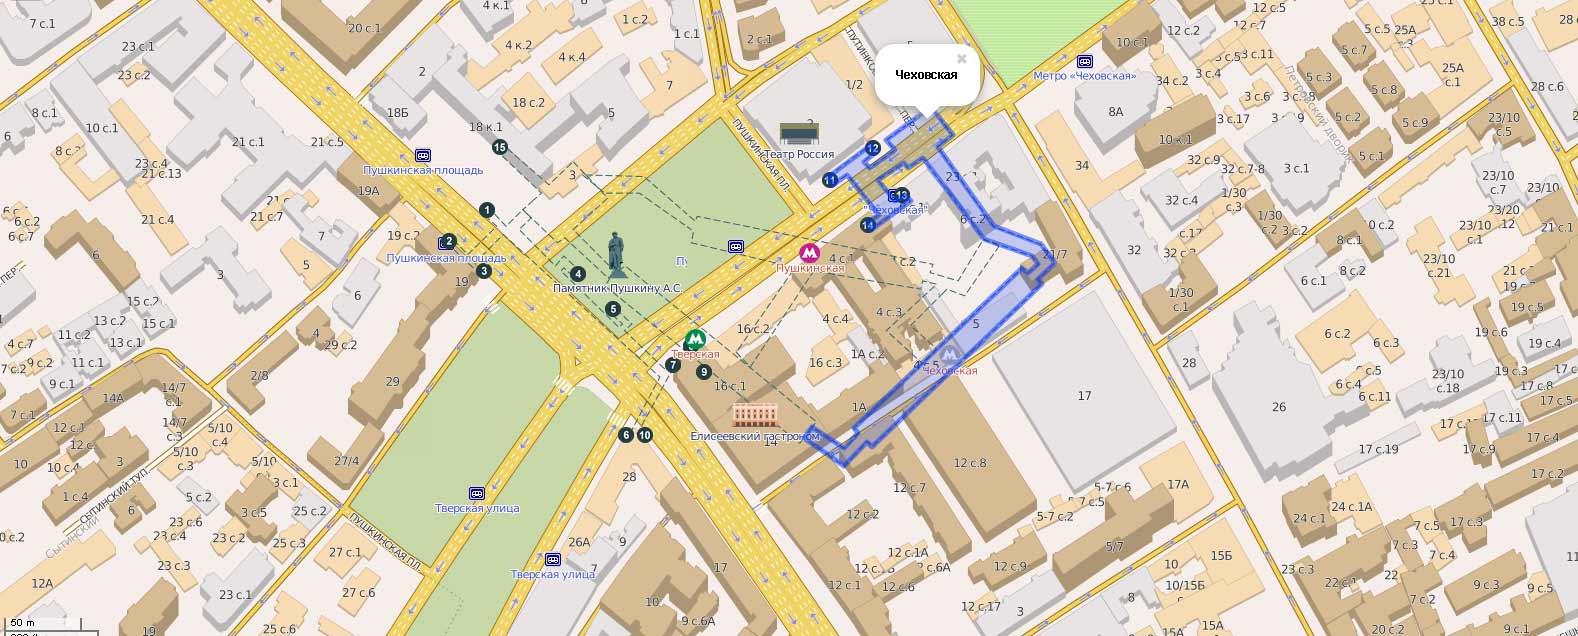 Схема-переходов-станции-метро-Чеховская